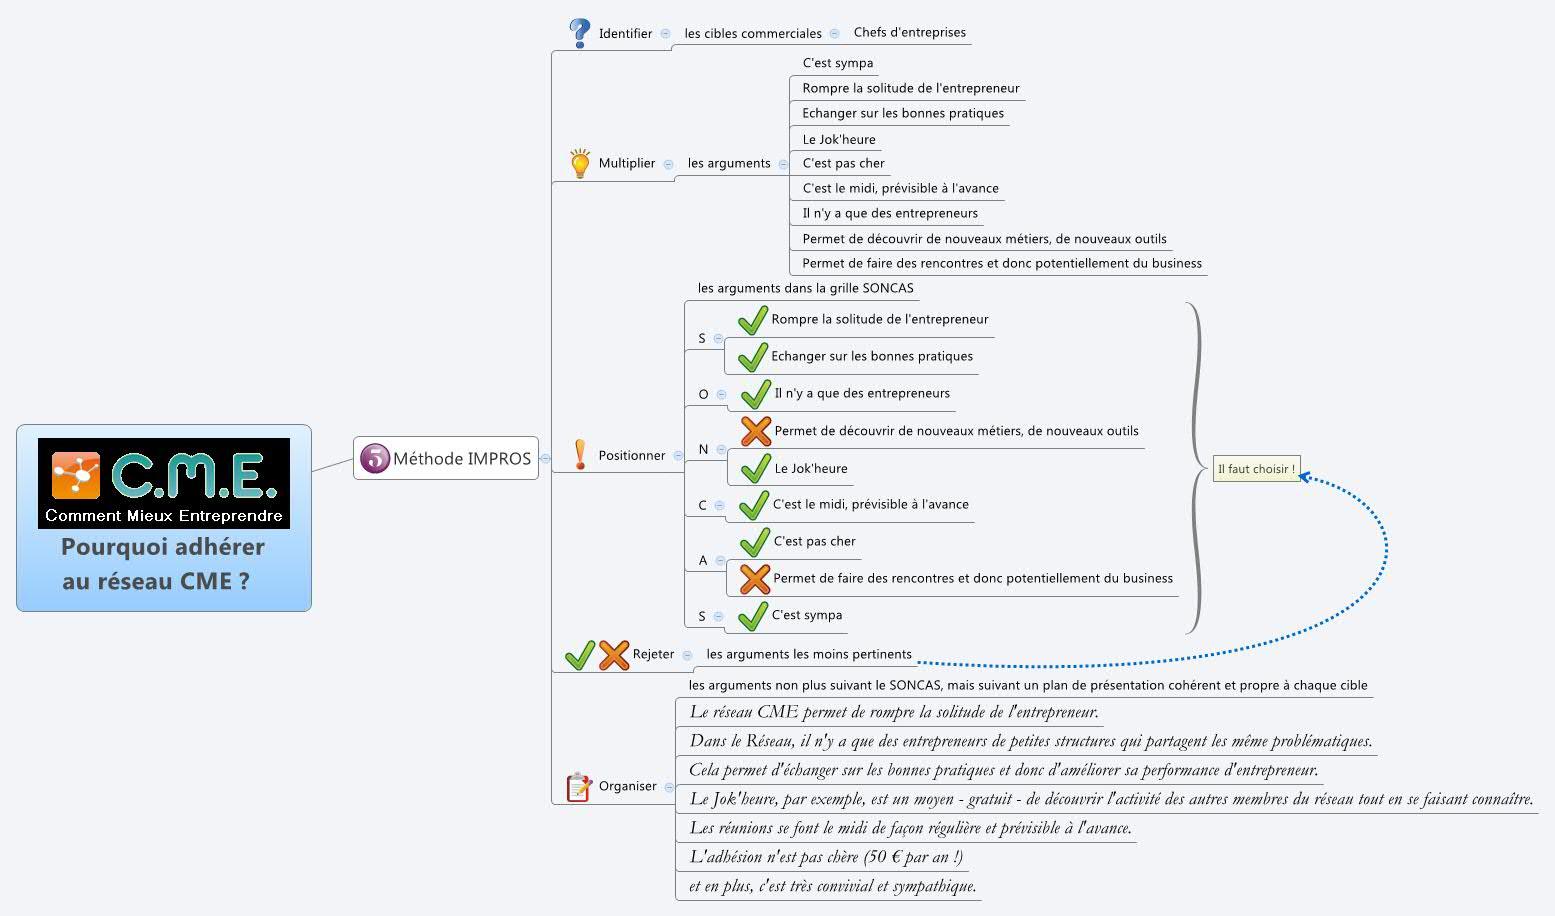 application de la méthode IMPROS au réseau CME